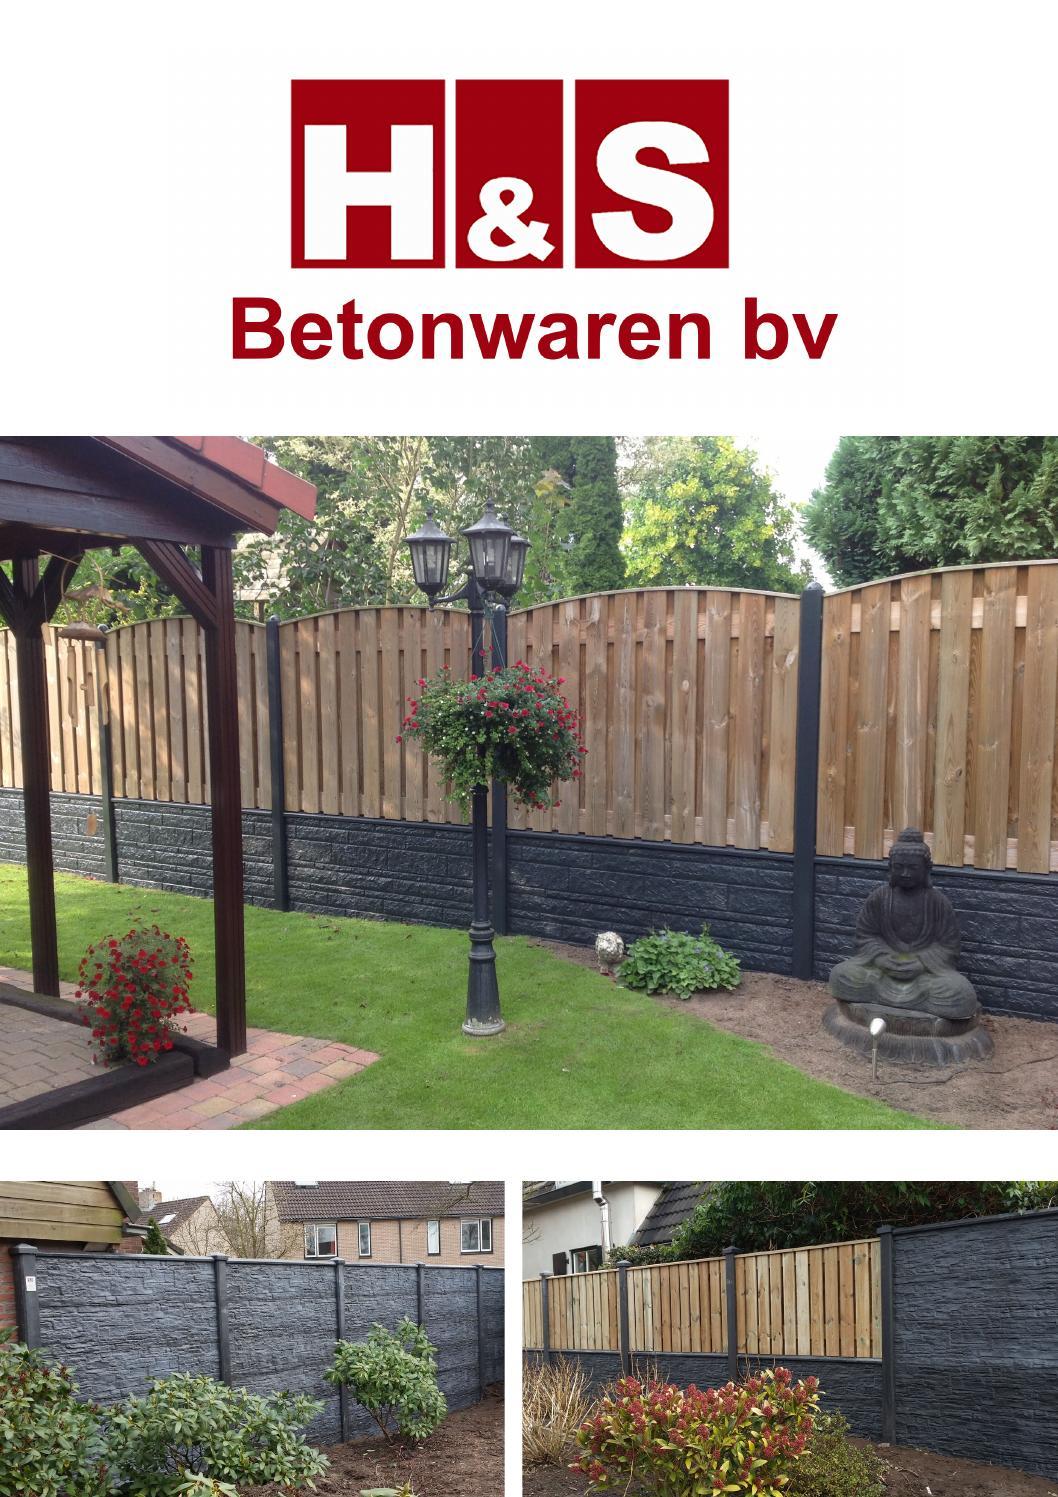 H&s betonwaren bv by hsbetonwaren   issuu